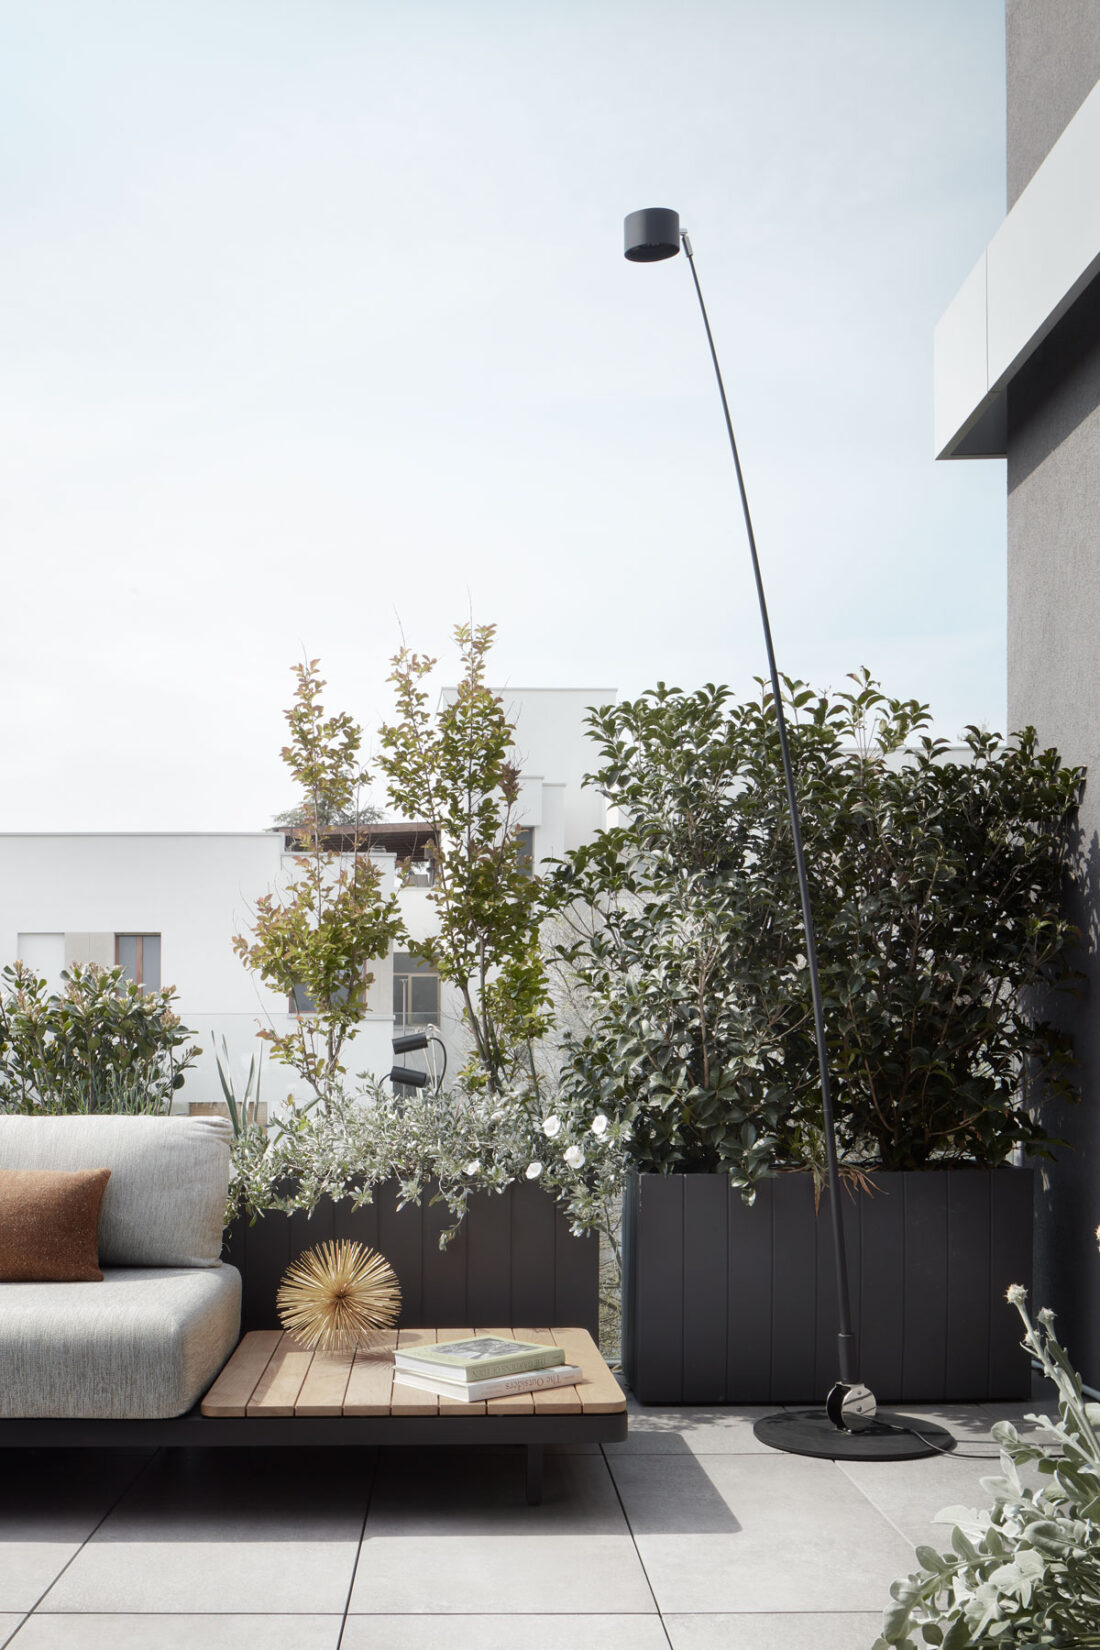 lampada piantana da esterni in un terrazzo di un attico